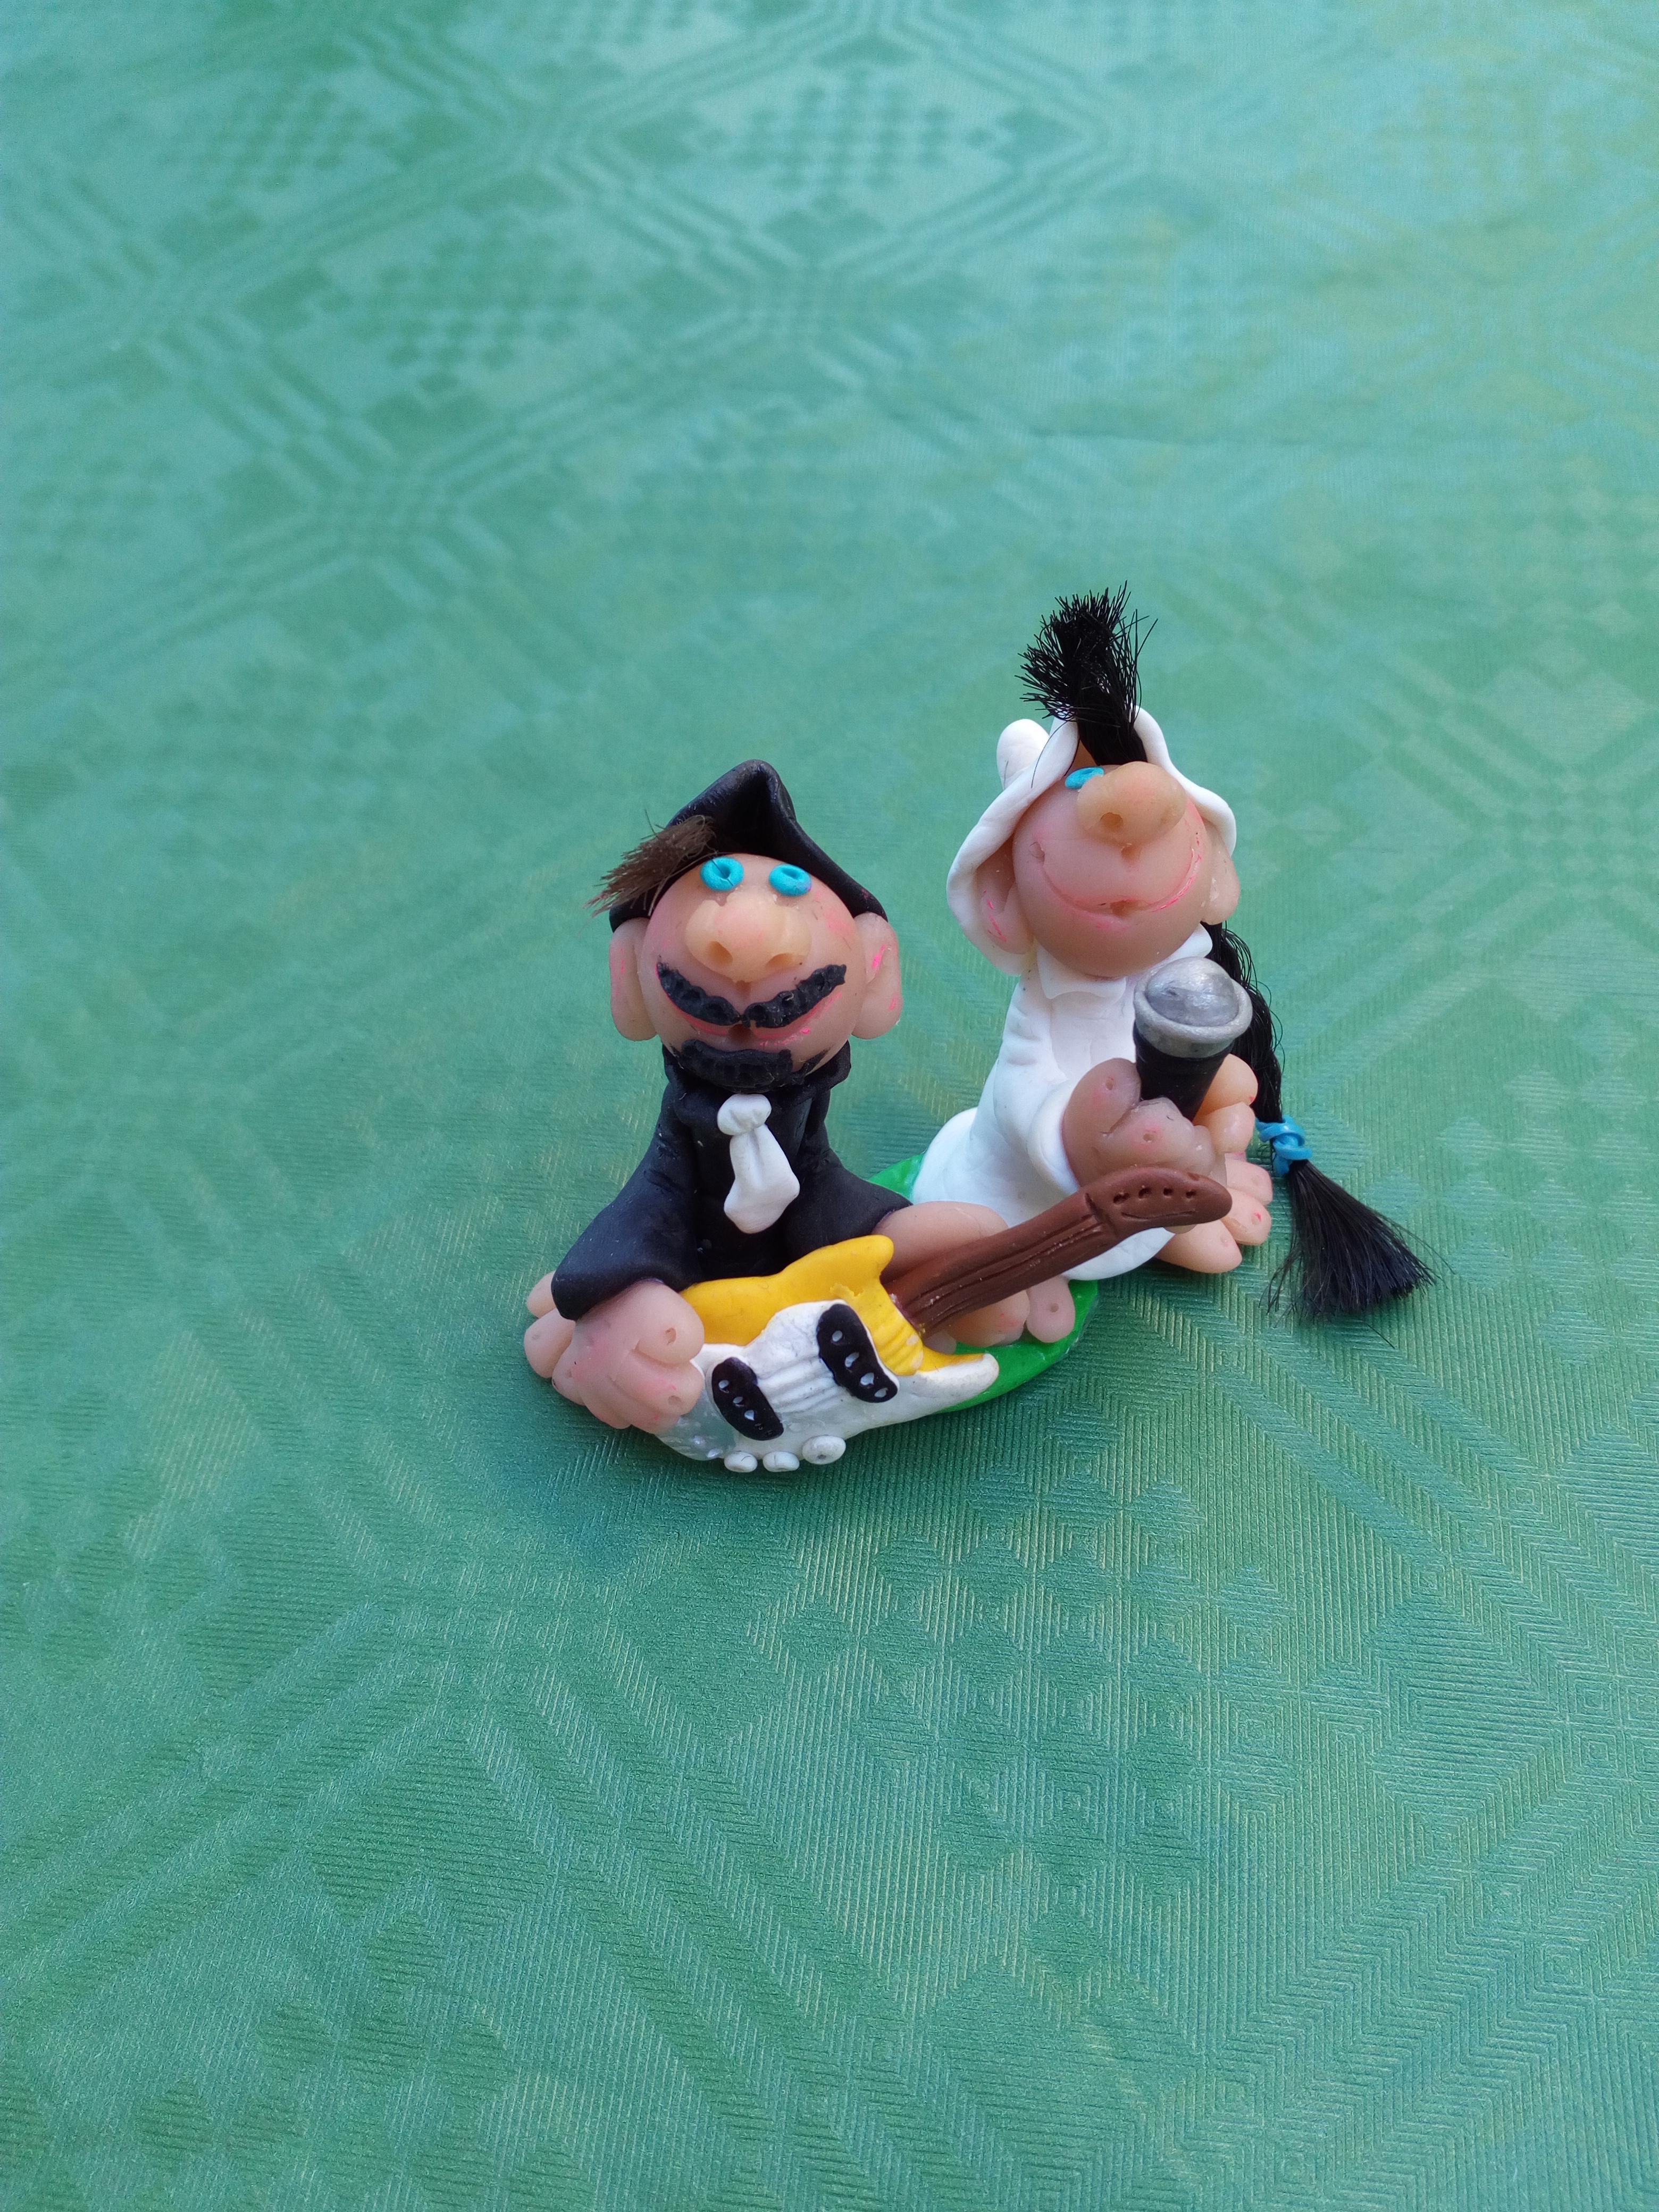 Bomboniere strumenti musicali - sposi